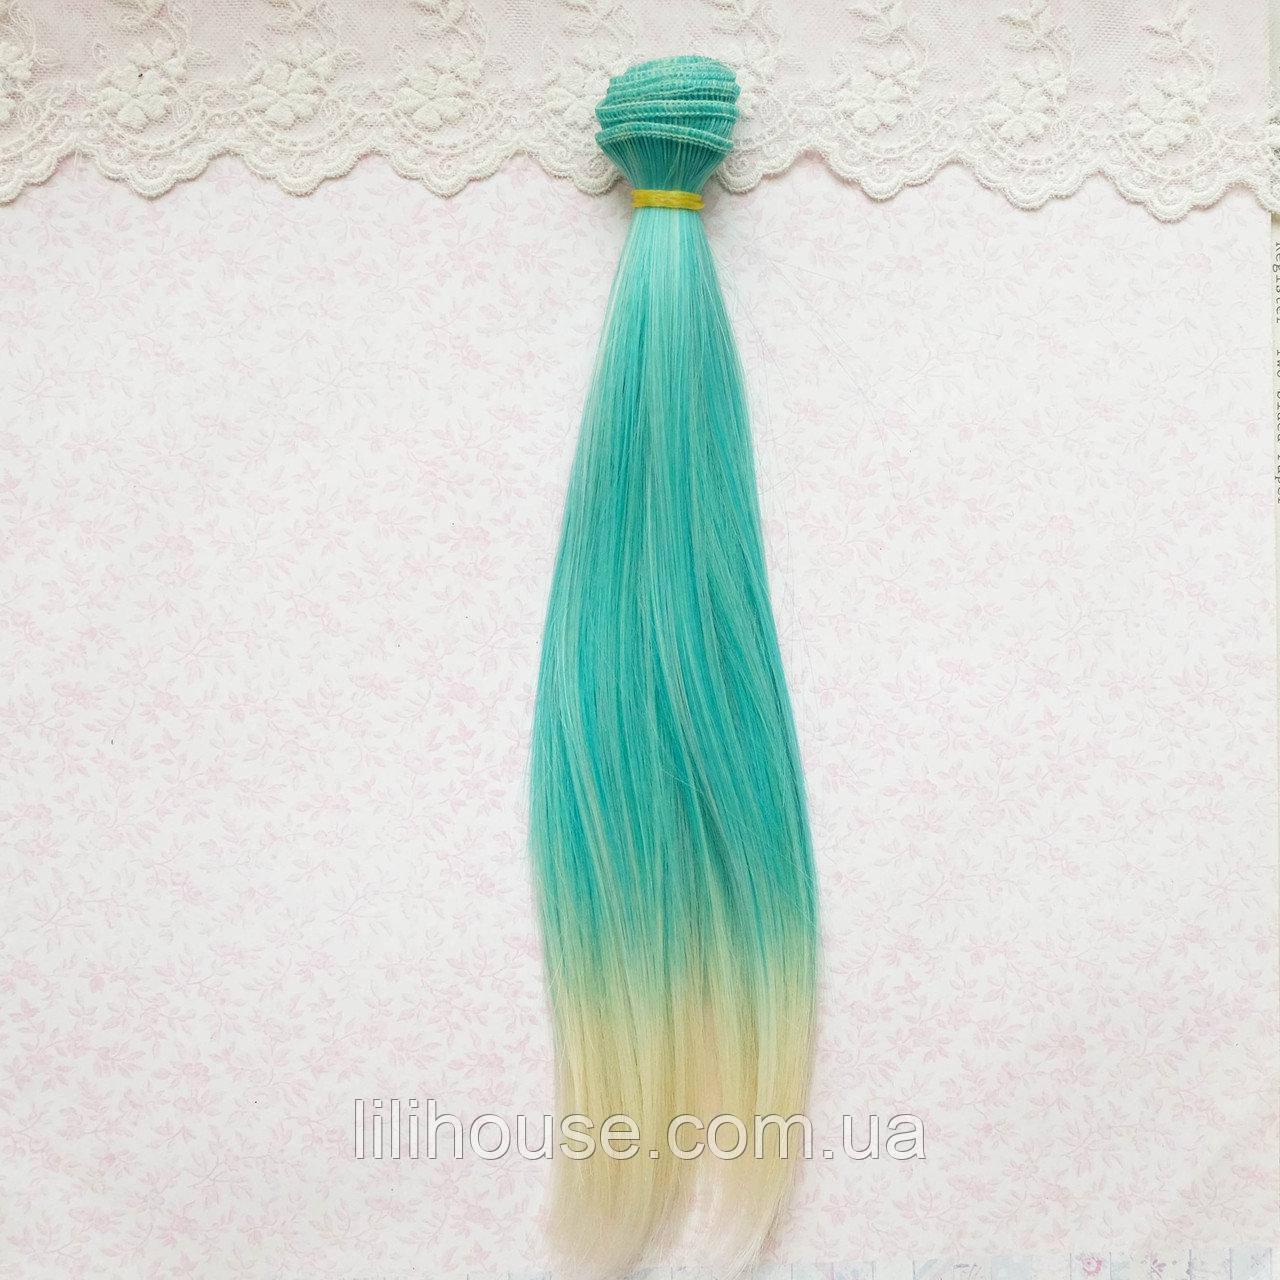 Волосы для Кукол Трессы Прямые Омбре ИЗУМРУД и БЛОНД 25 см